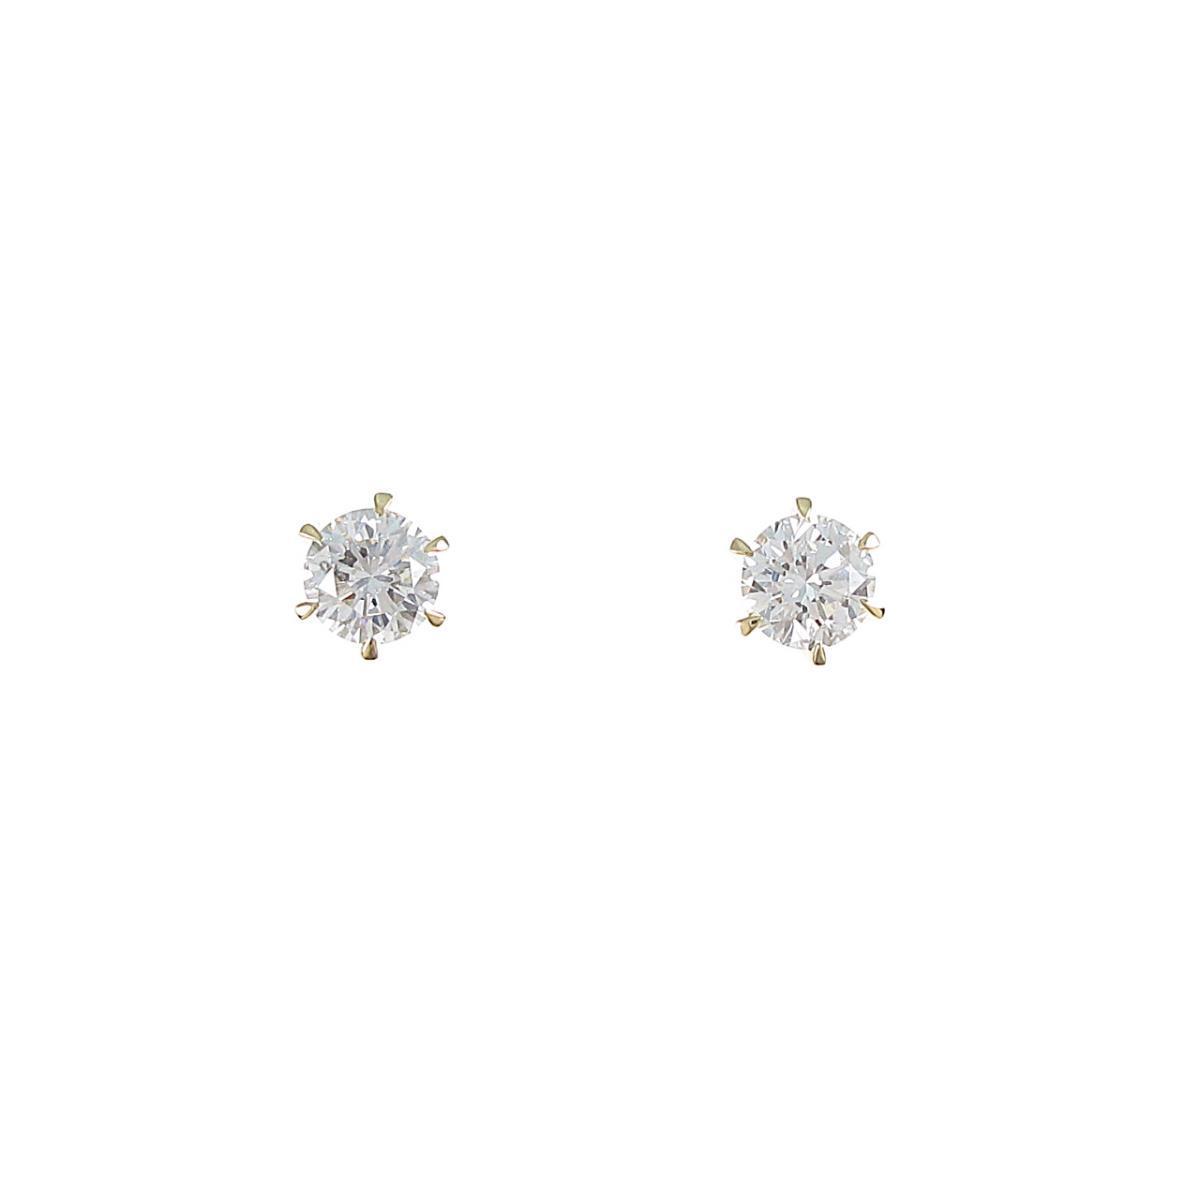 【リメイク】K18YG/ST ダイヤモンドピアス 0.352ct・0.372ct・G-H・SI2・VG-GOOD【中古】